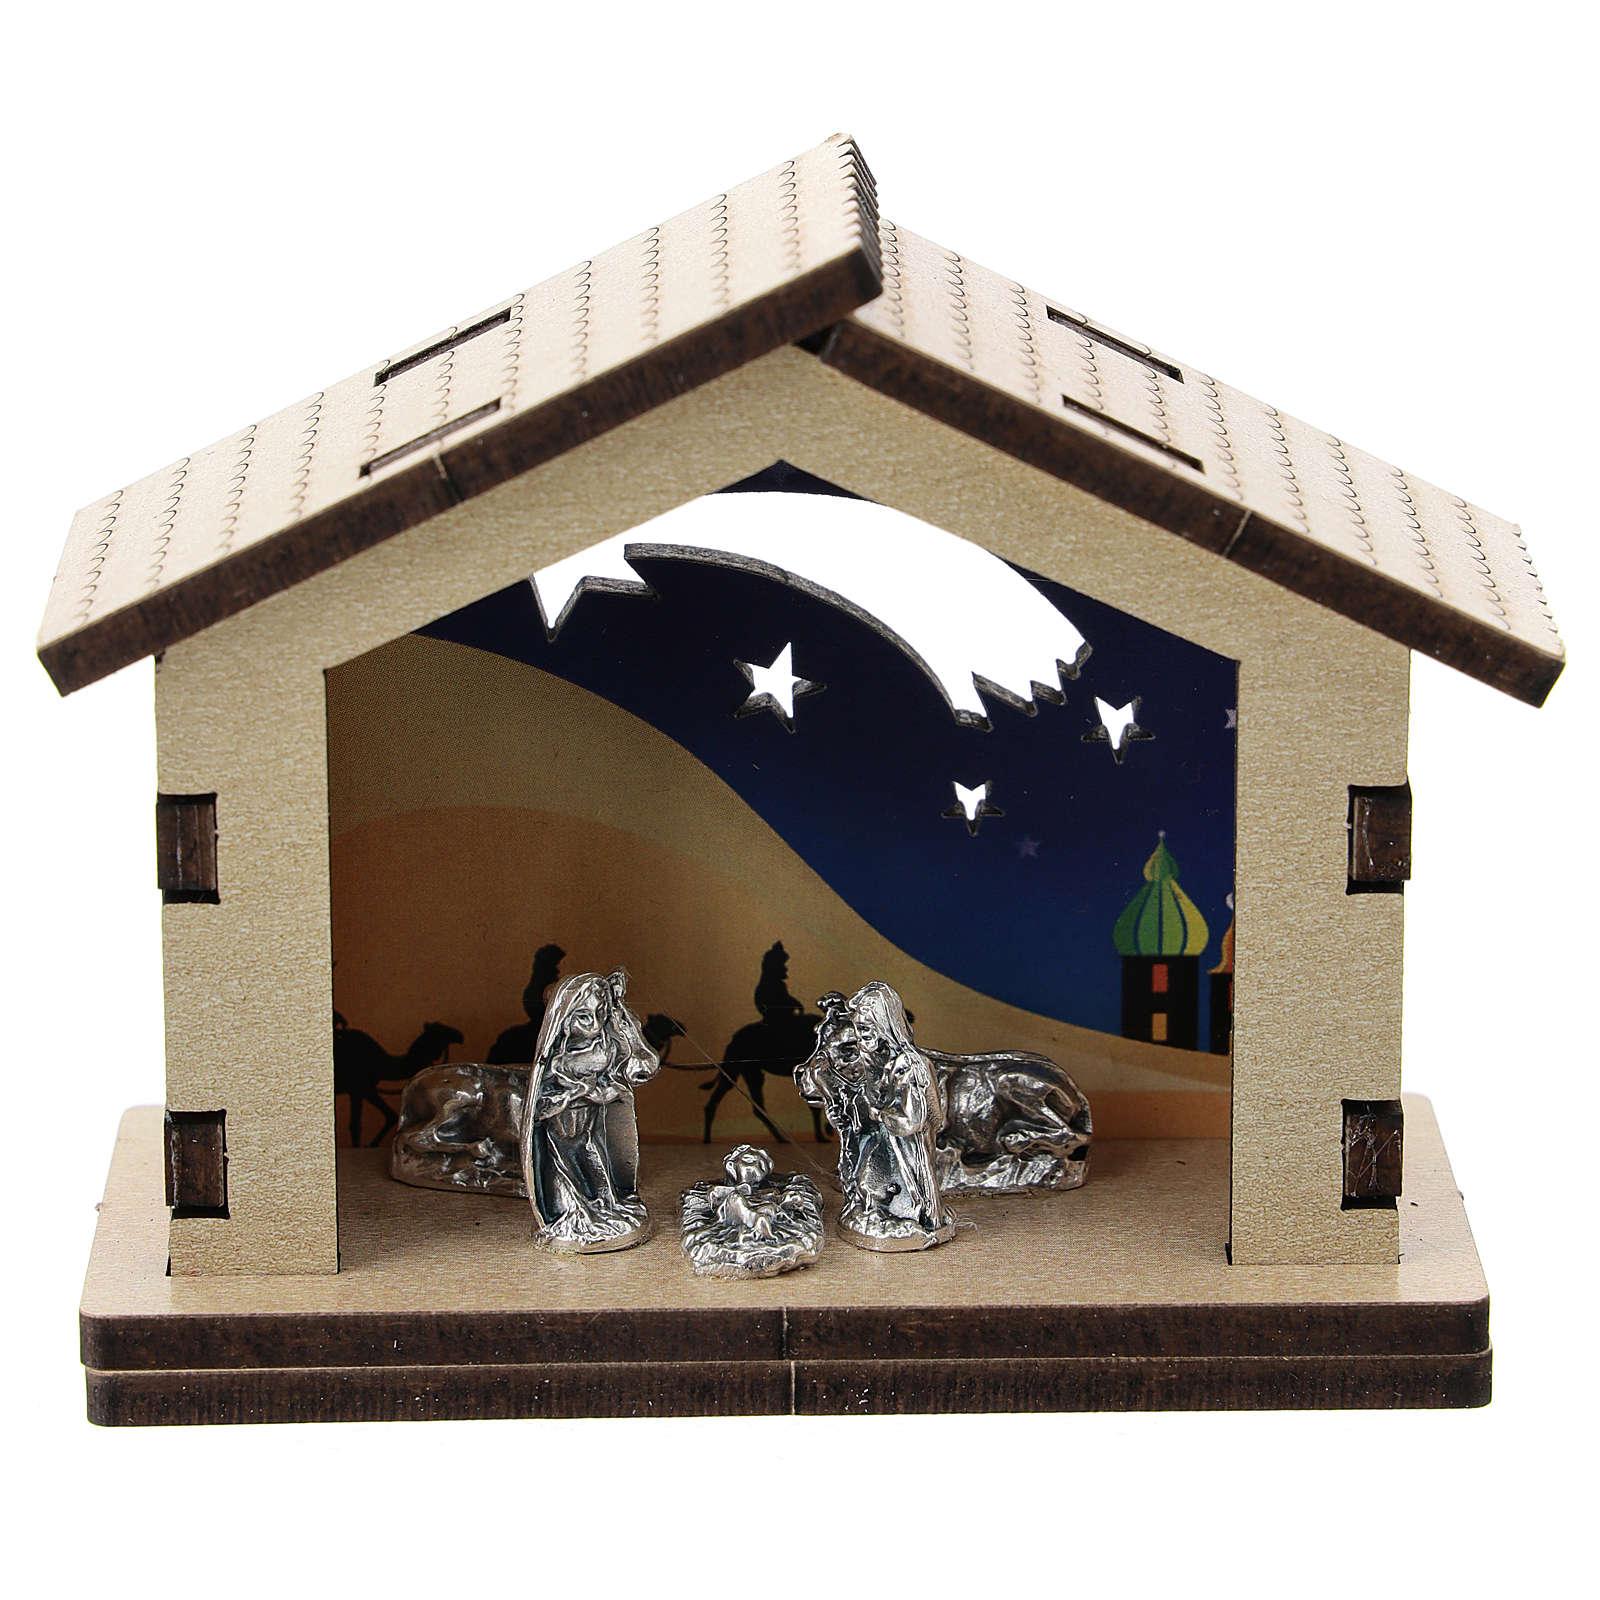 Capanna legno sfondo deserto notturno Natività metallo 5 cm 3